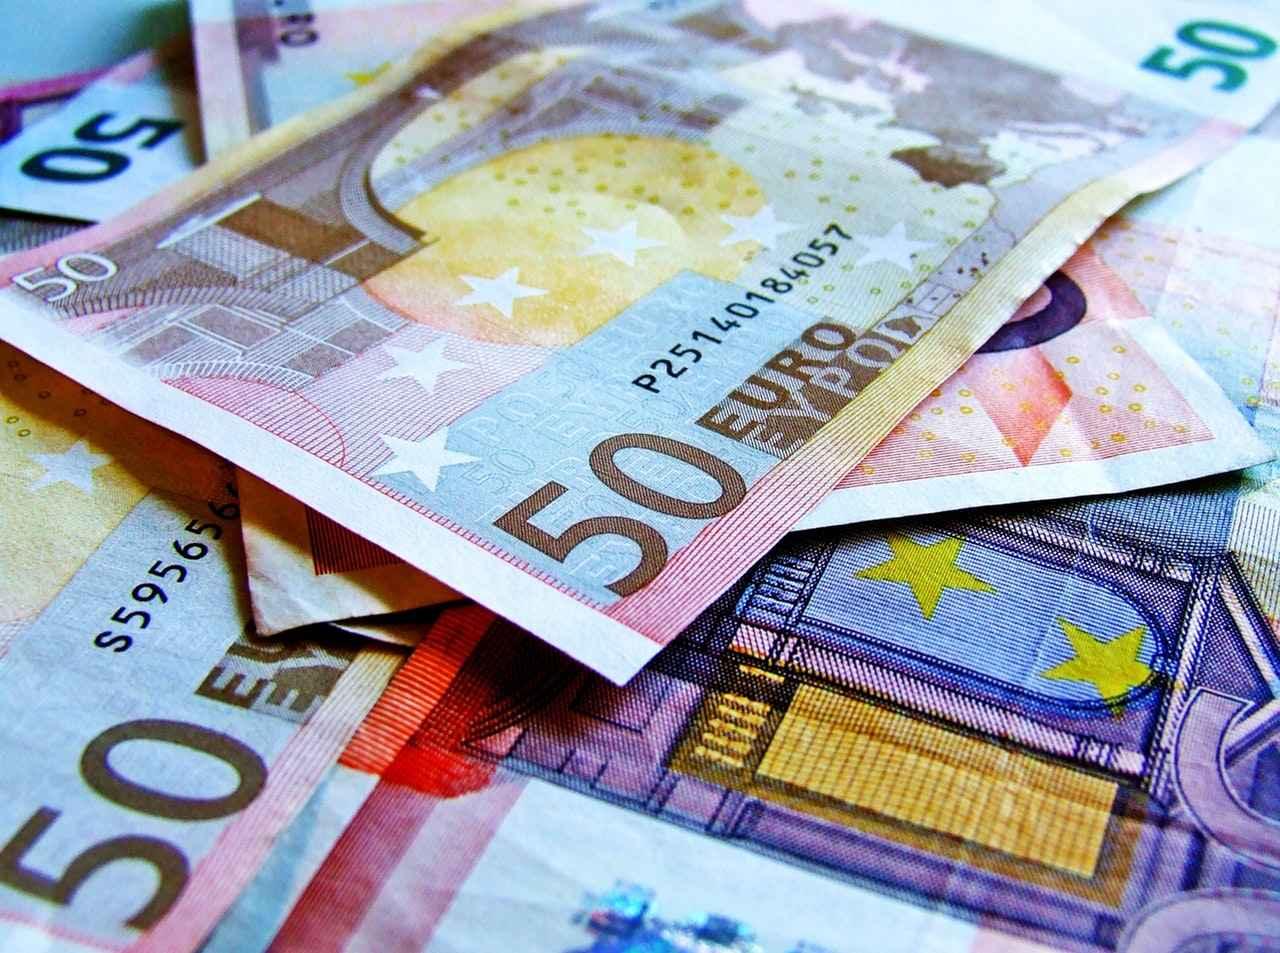 Växla pengar arlanda